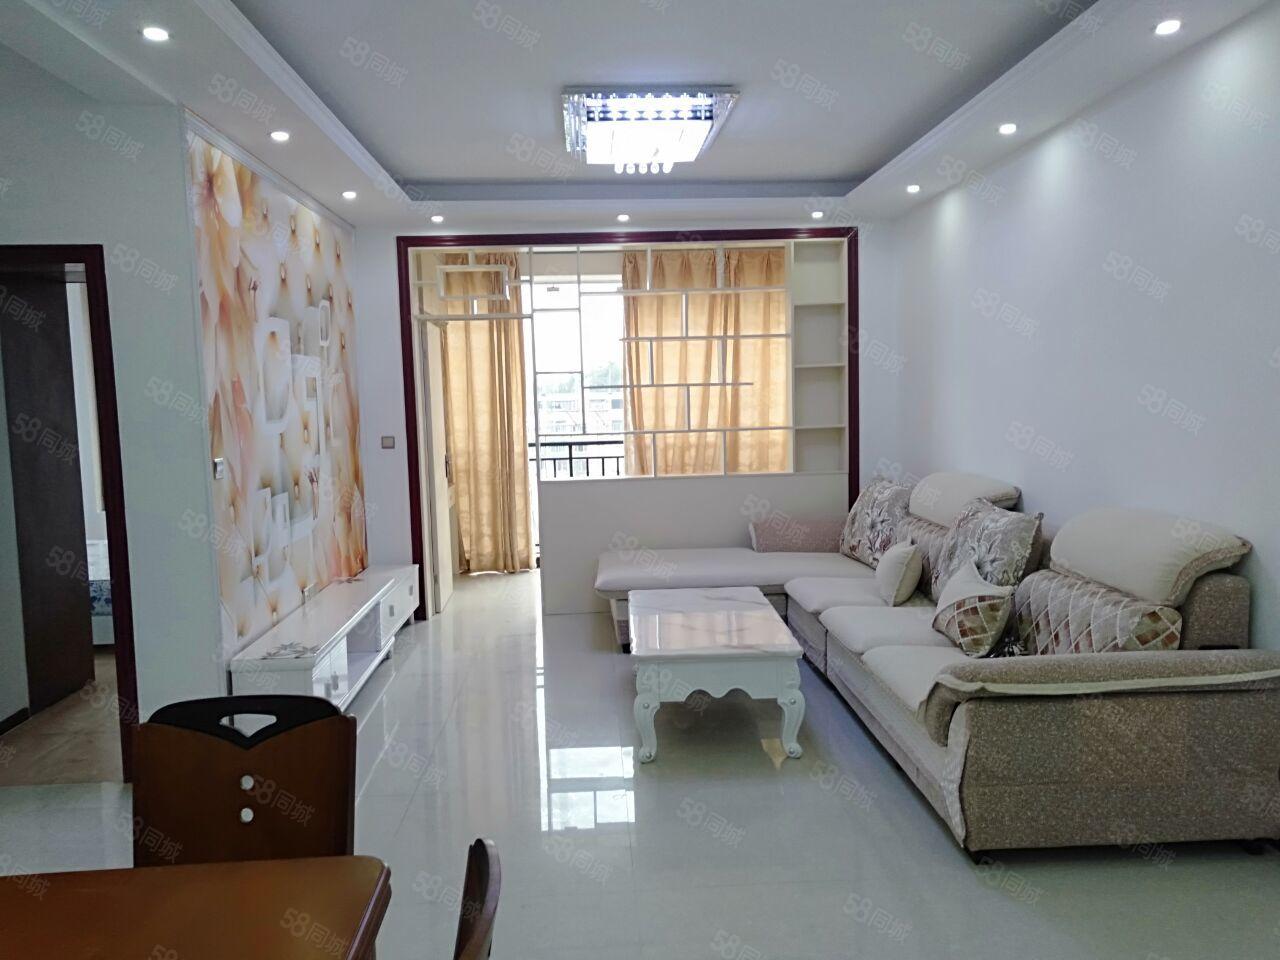 阳光香颂现浇房3室2厅1卫80平米精装修随时看房可按揭